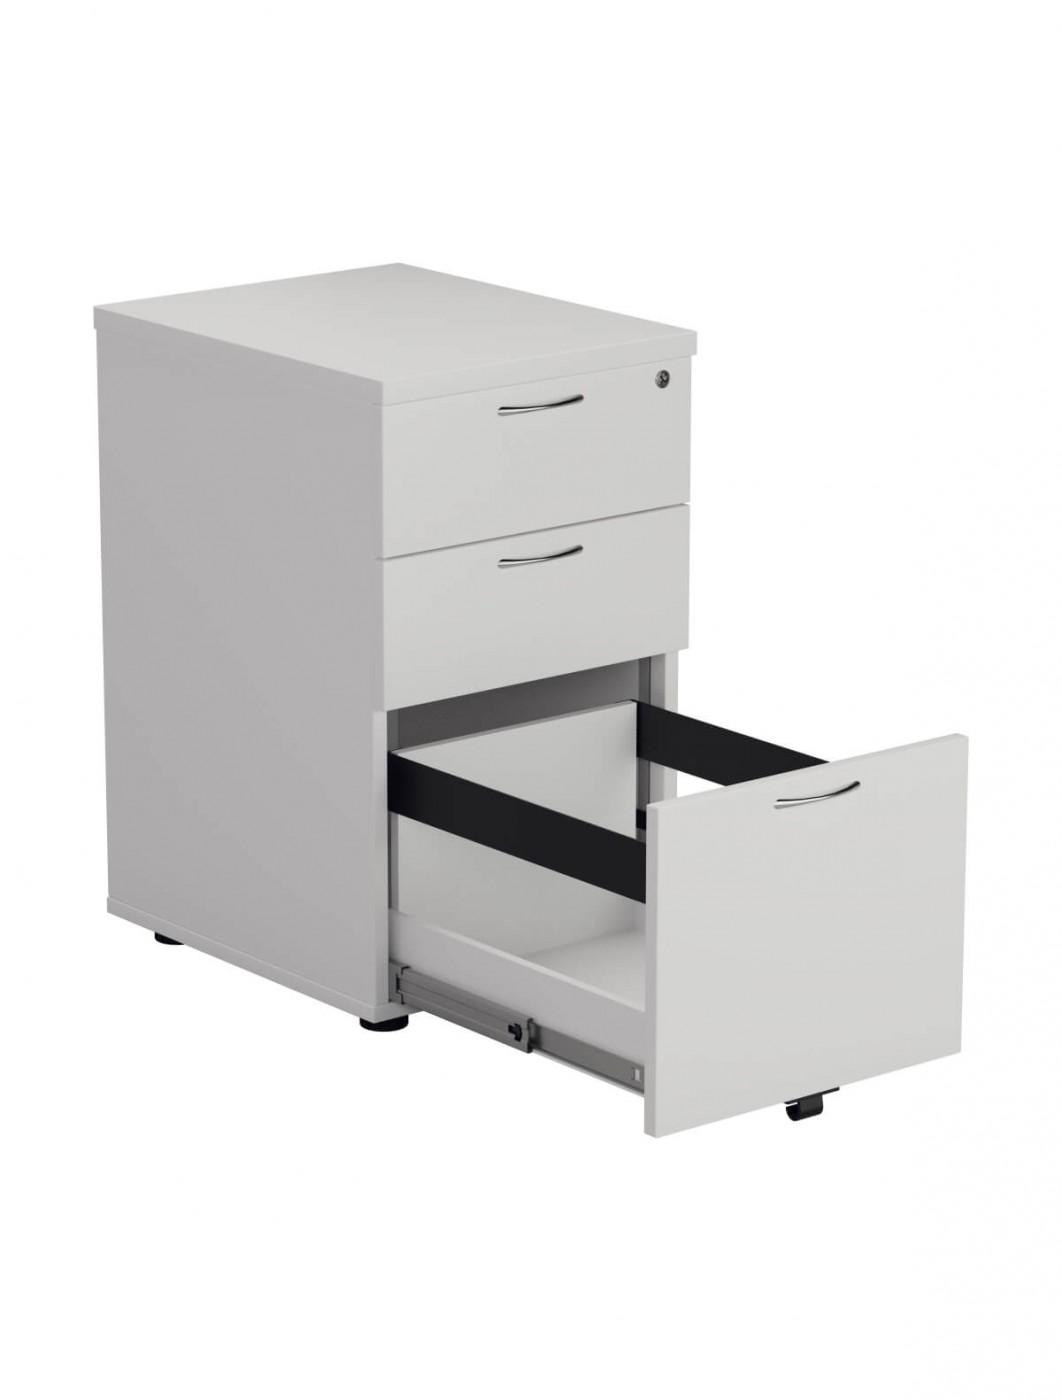 Office Furniture Under Desk Pedestal TESUDP3 Office